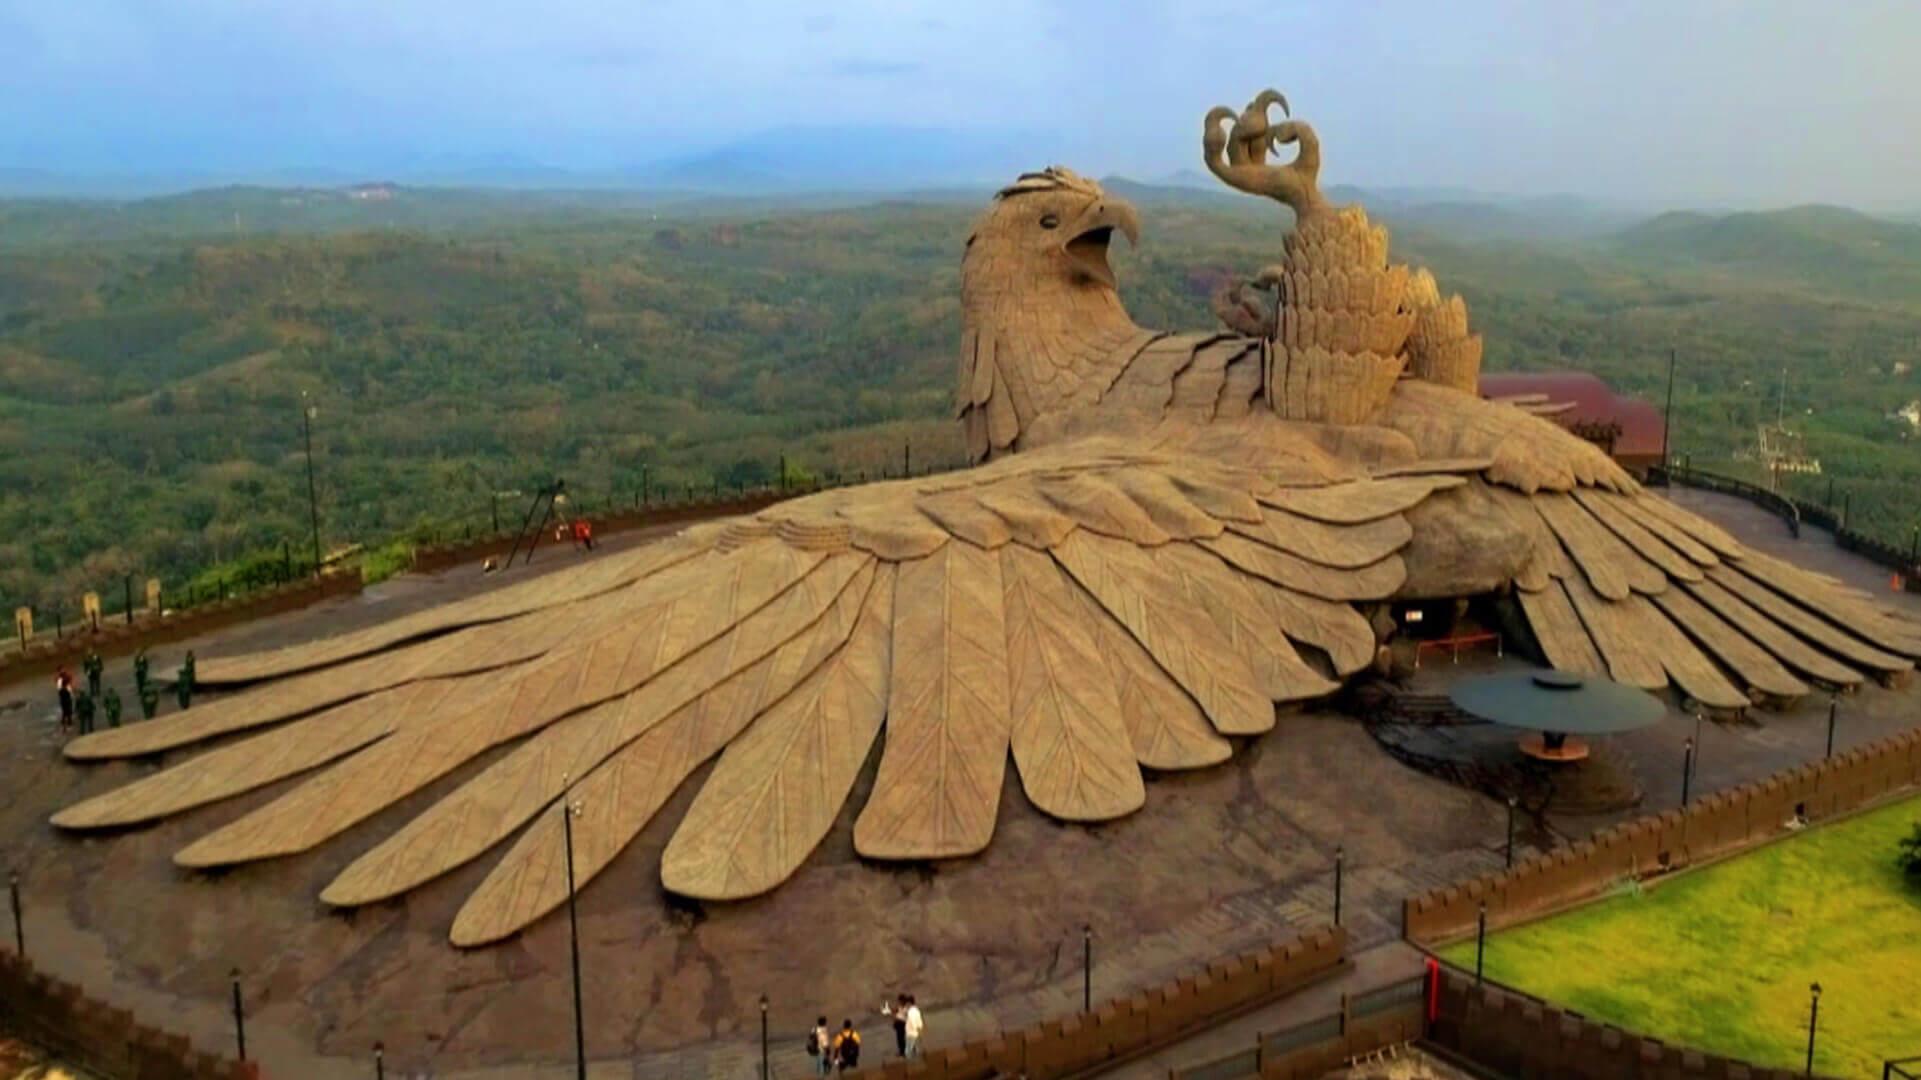 Jatayupara, Chadayamangalam